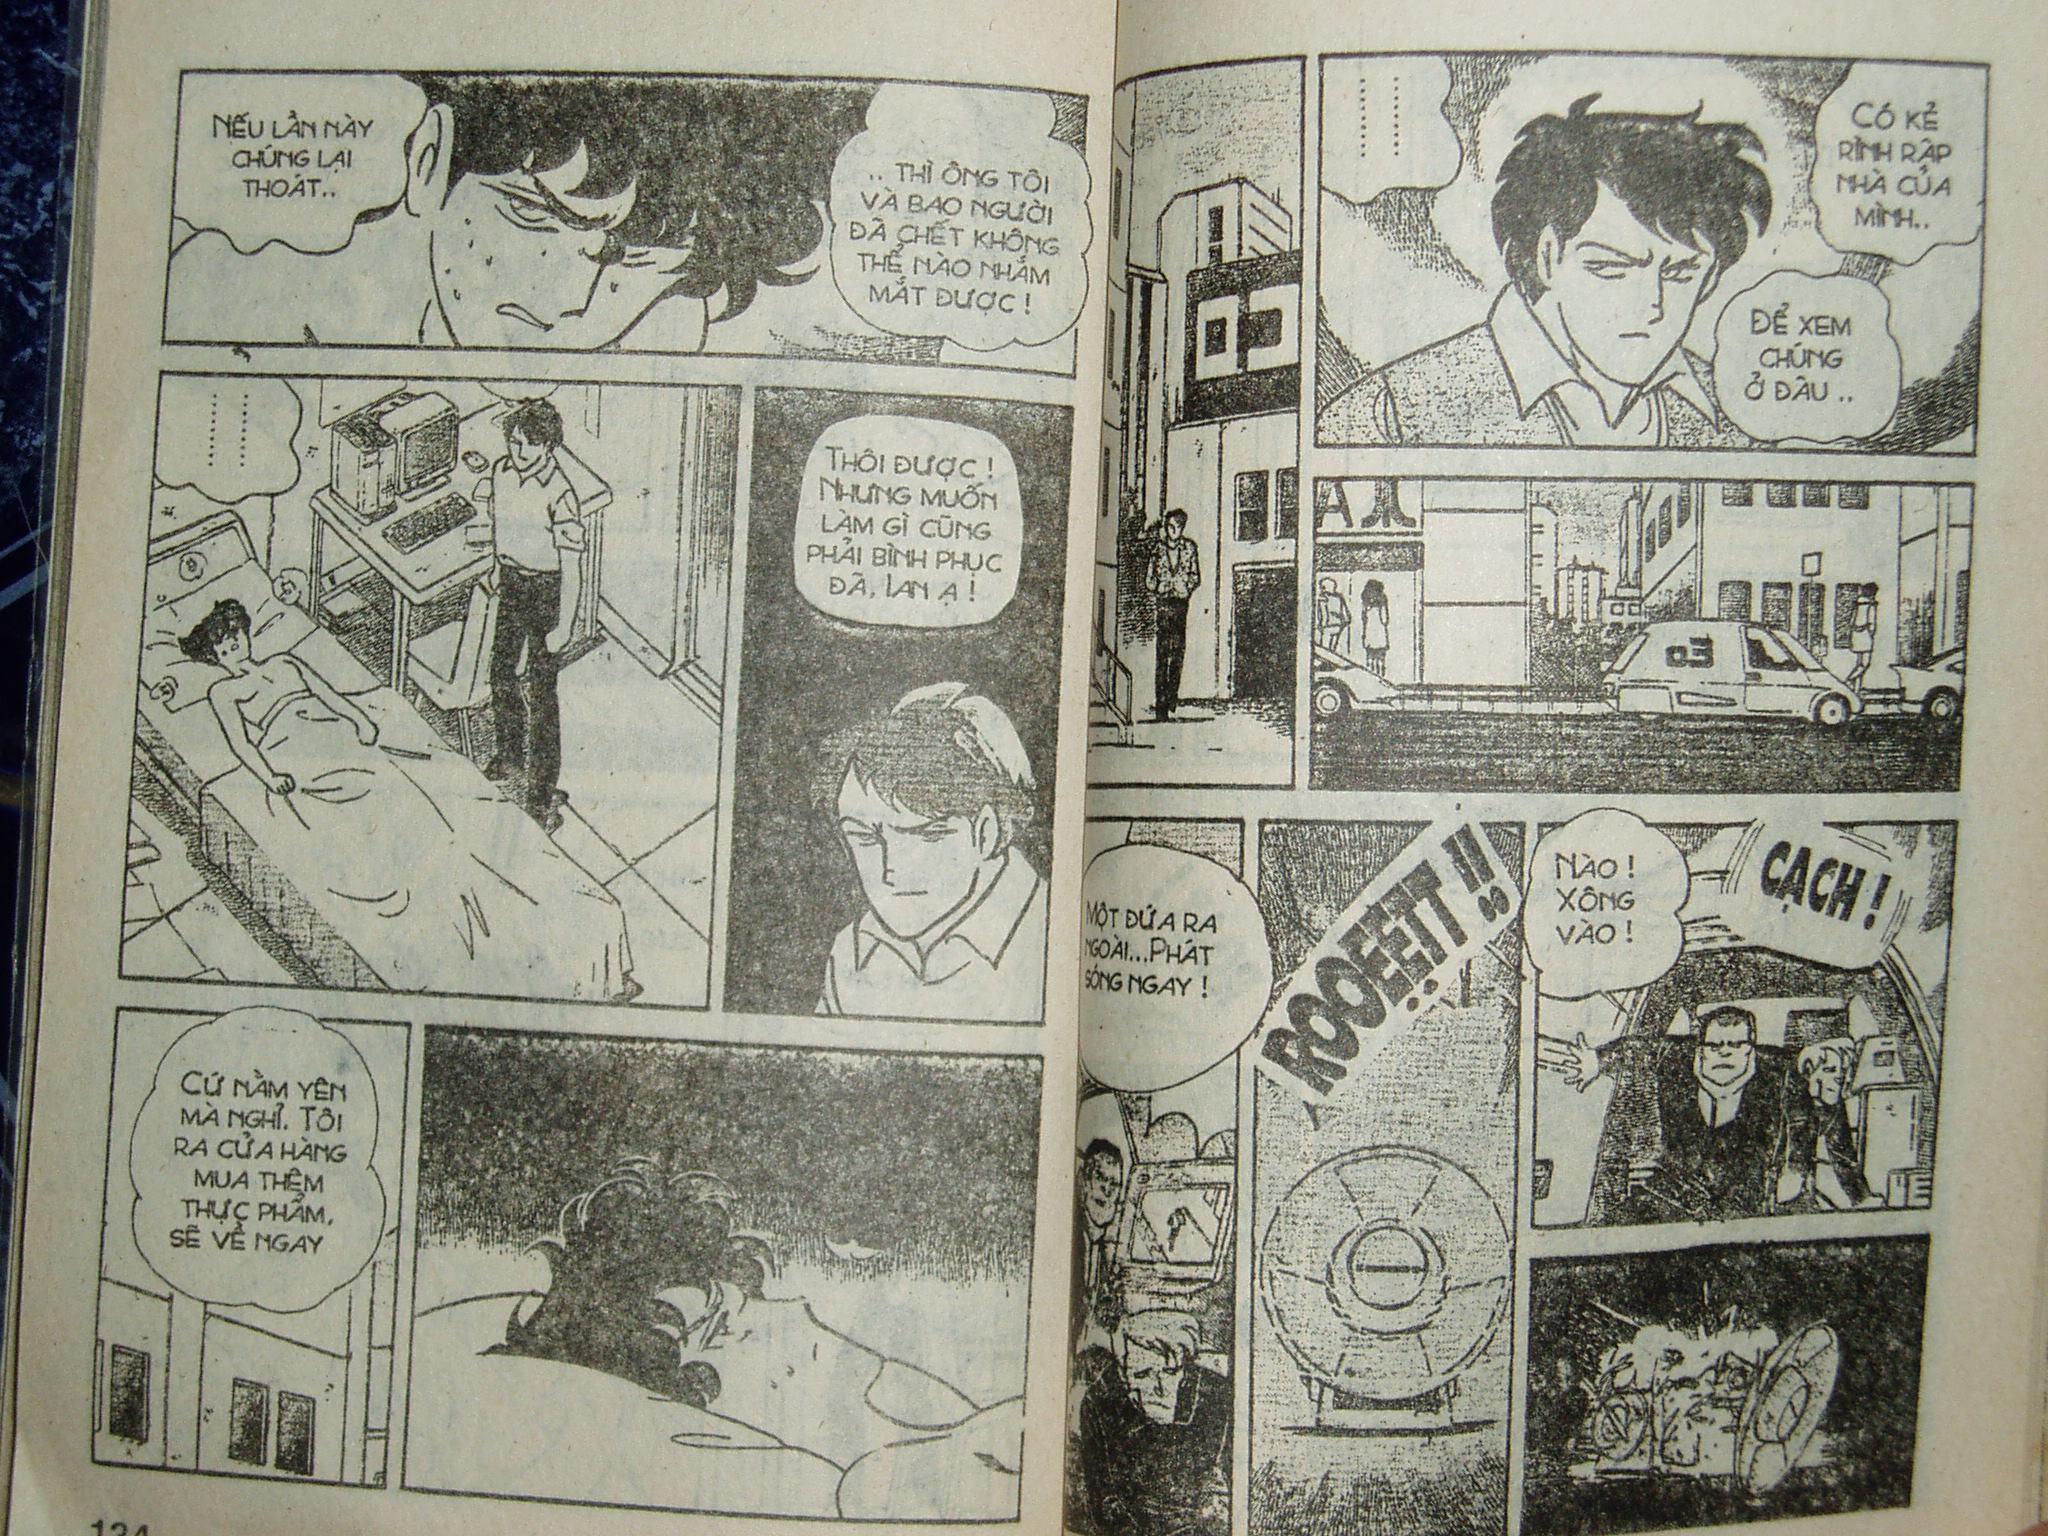 Siêu nhân Locke vol 14 trang 67